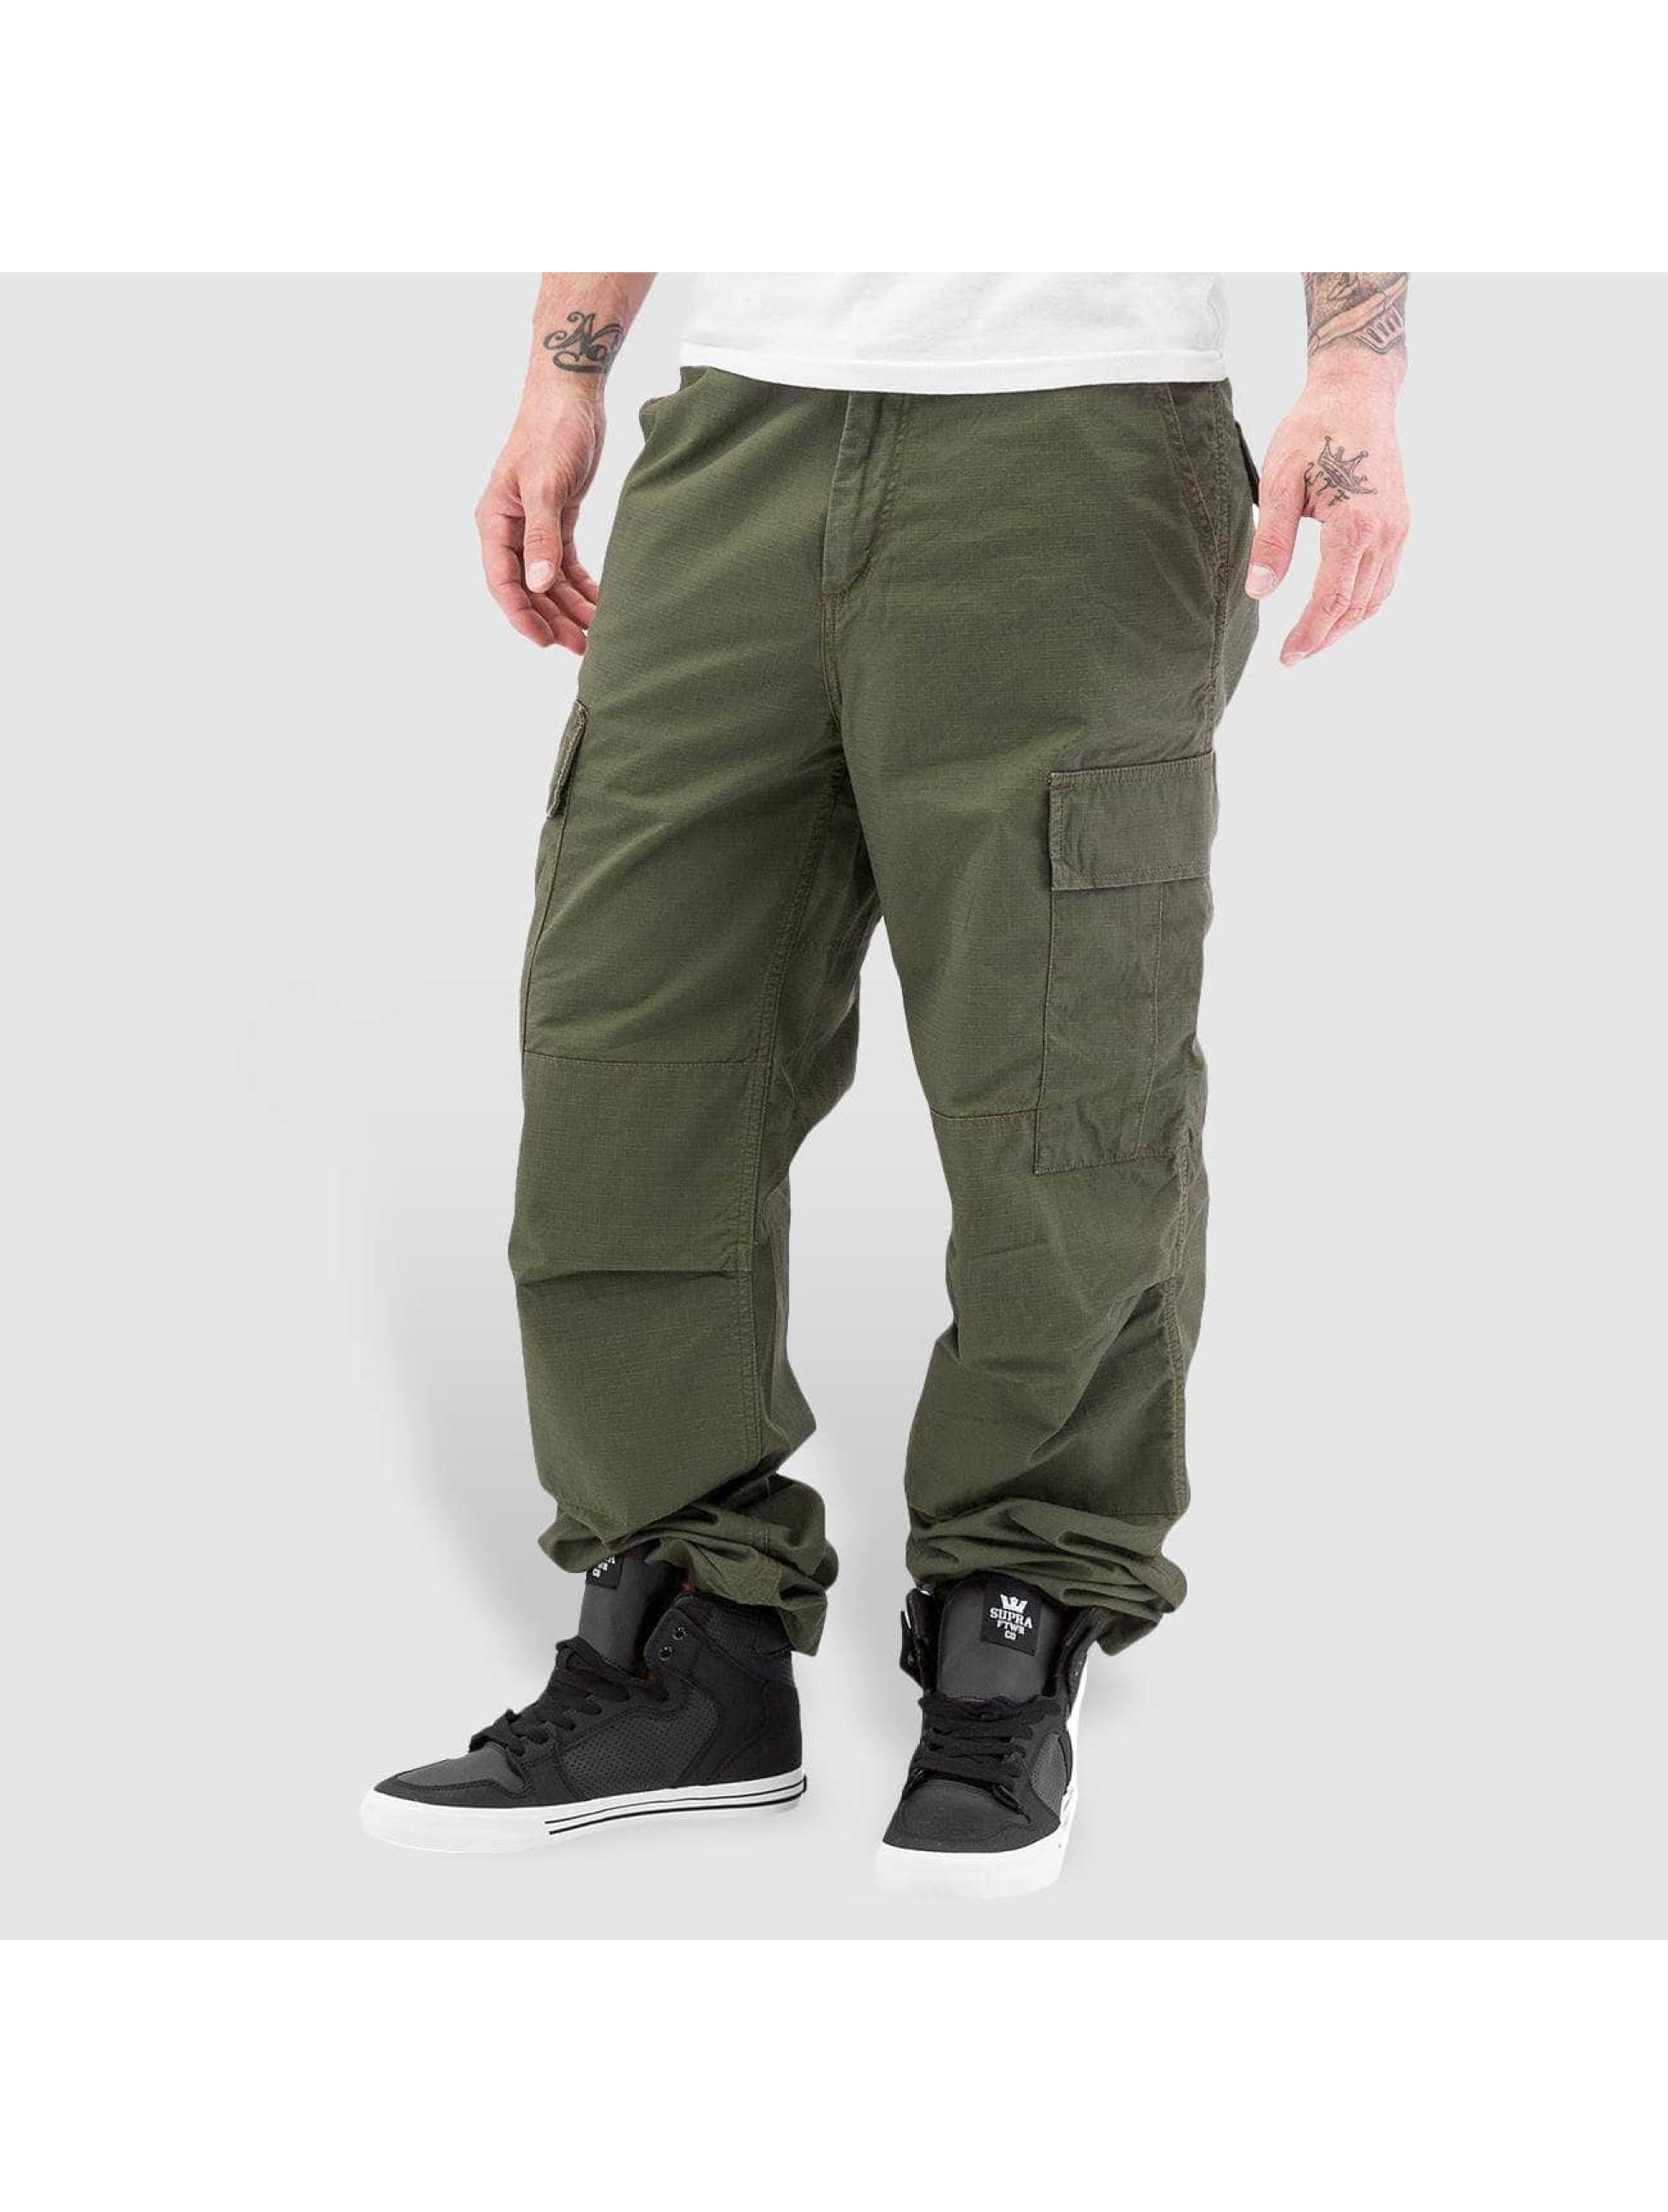 Entdecken Sie Hosen für Damen bei ASOS. Durchstöbern Sie ASOS nach den neusten Chinohosen, Leggings und Hosen.